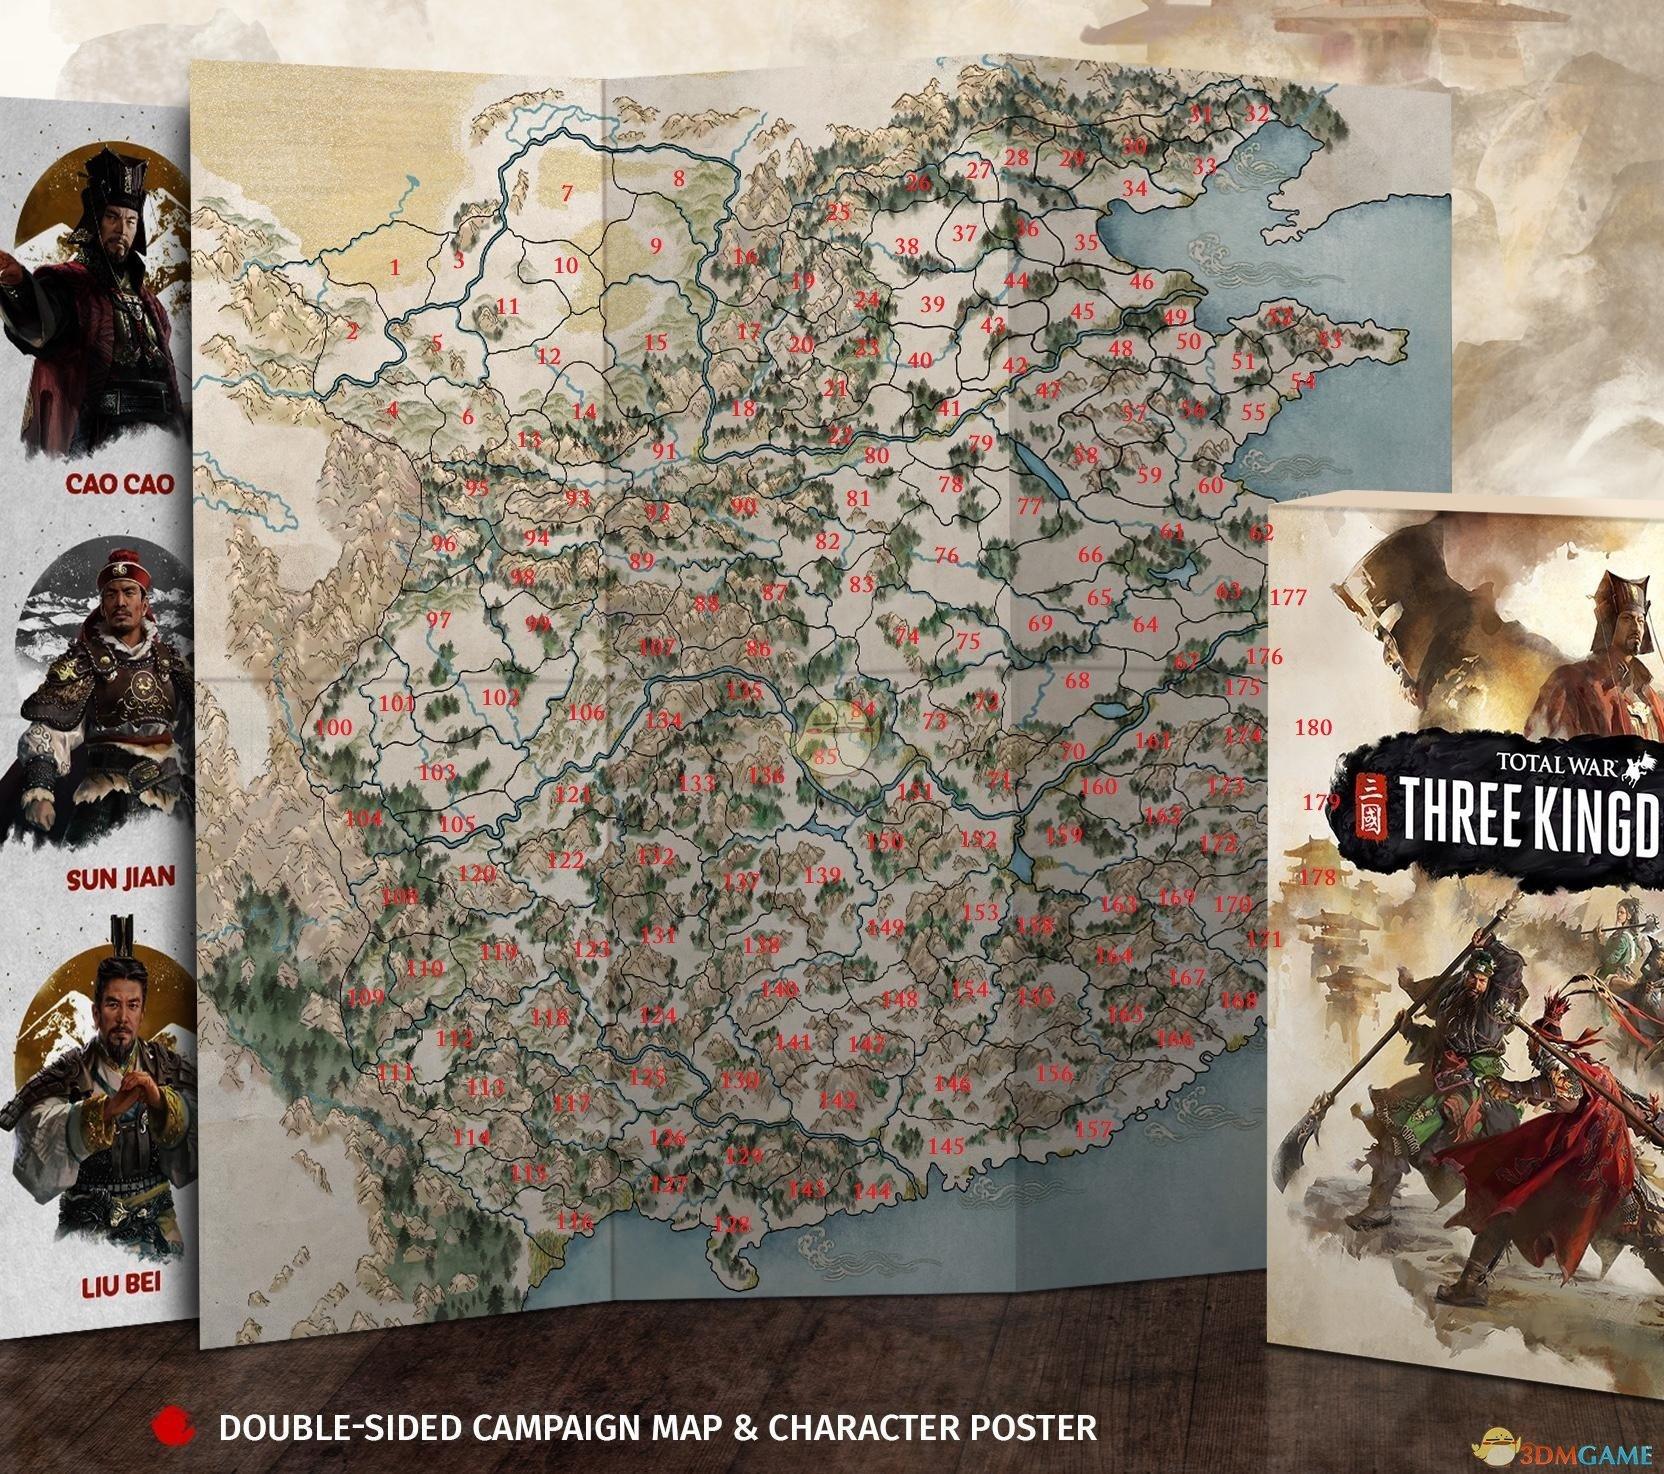 《全面战争:三国》城池数量一览